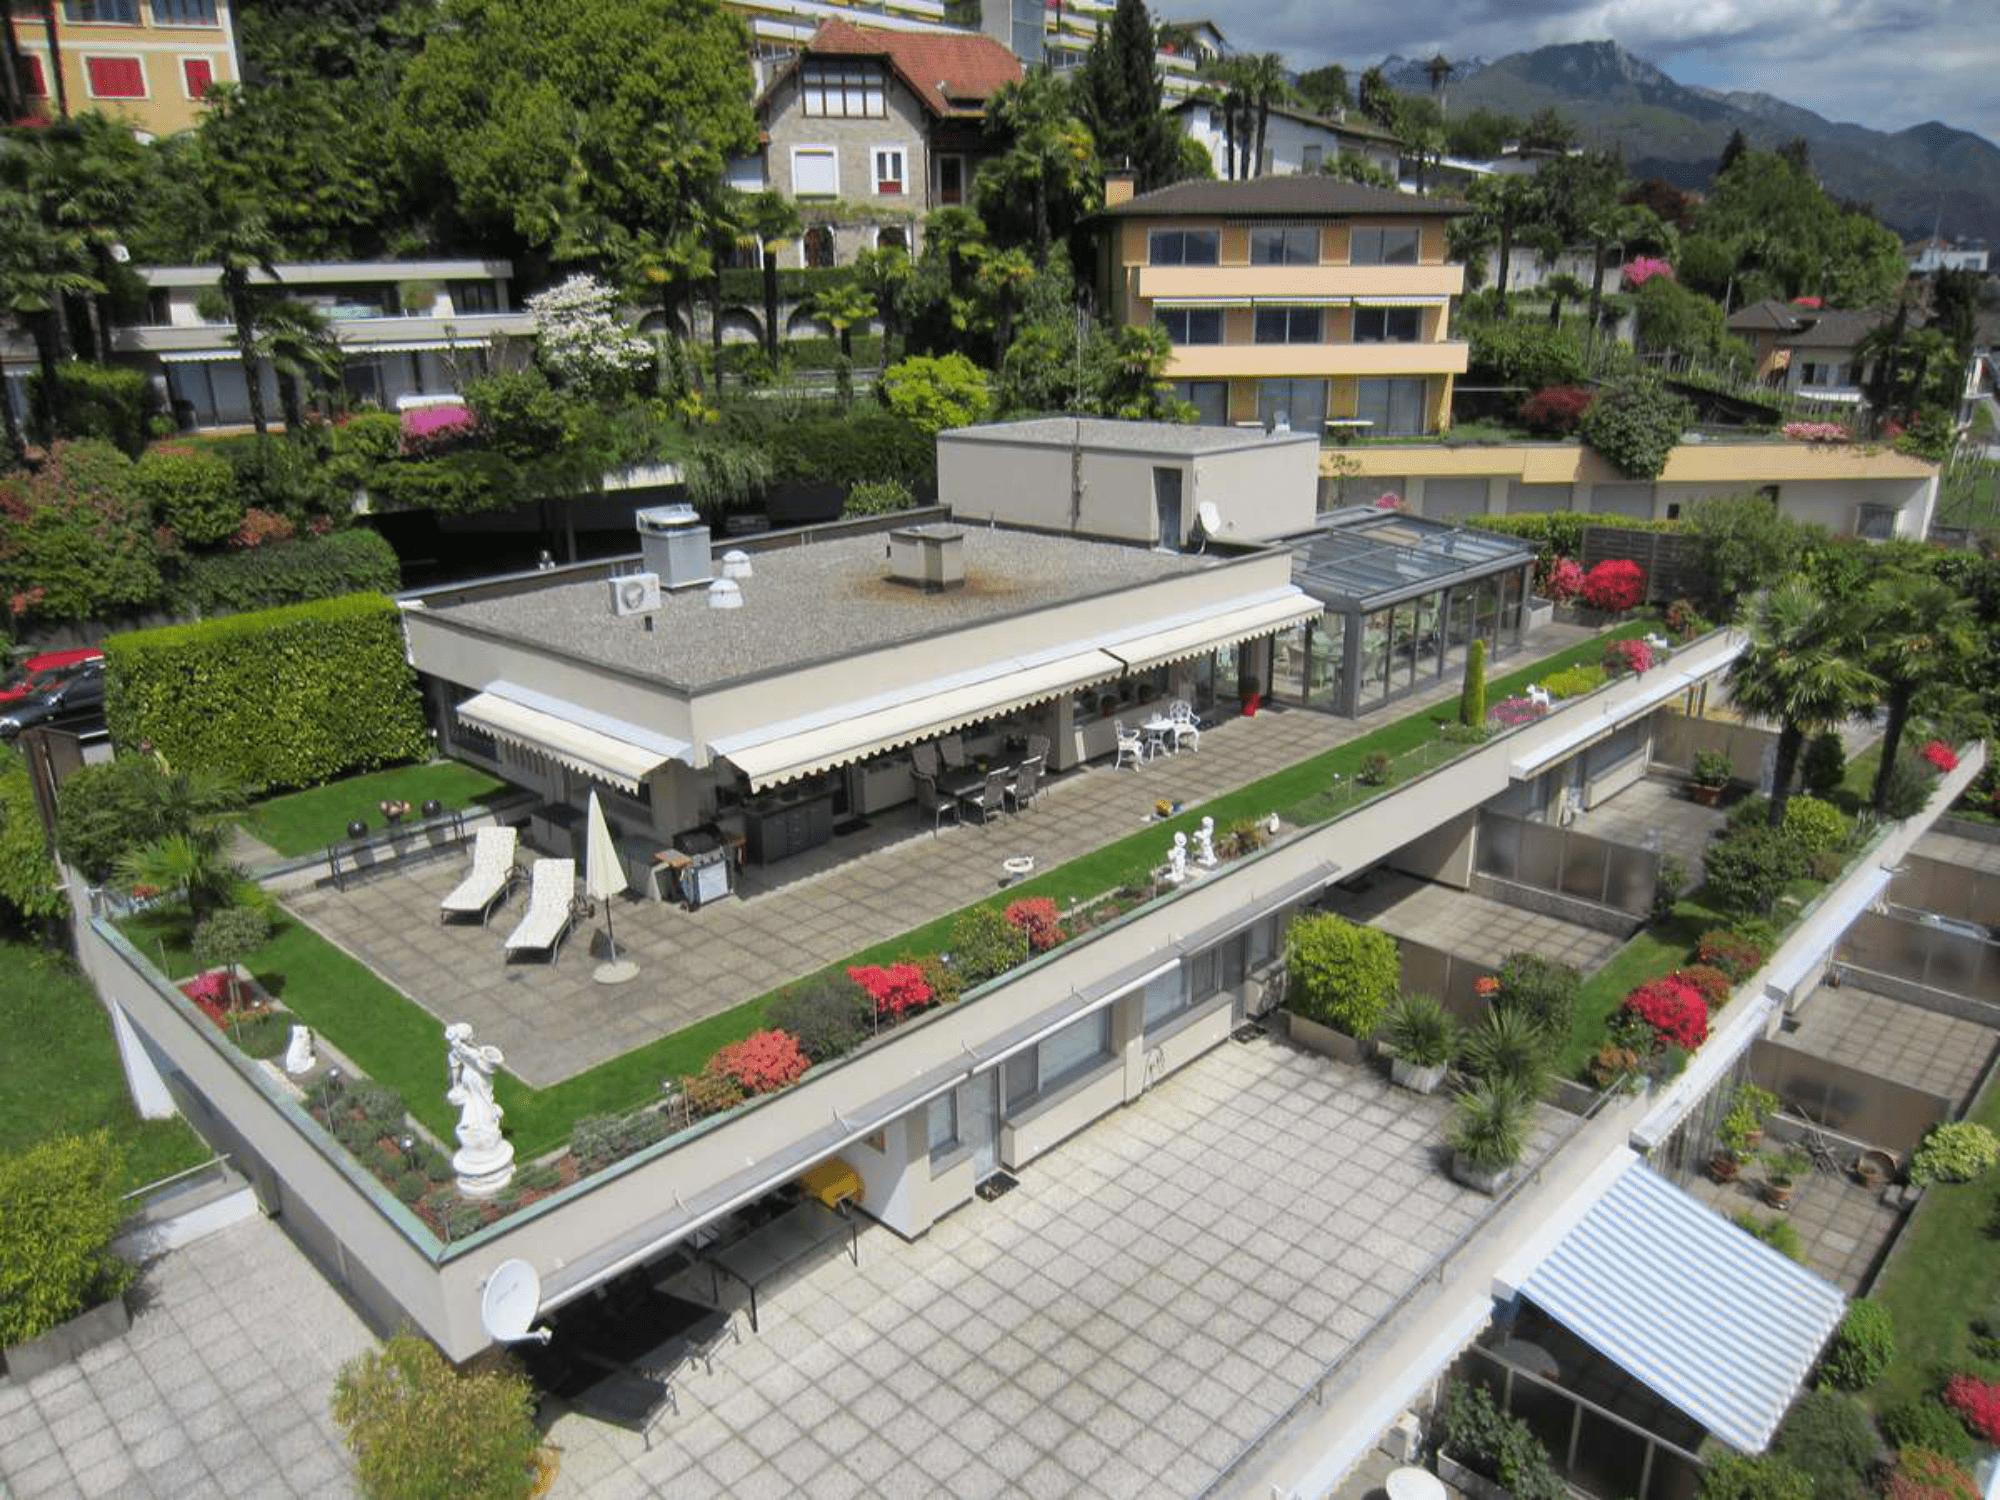 Terrassenhaus in Locarno-Monti